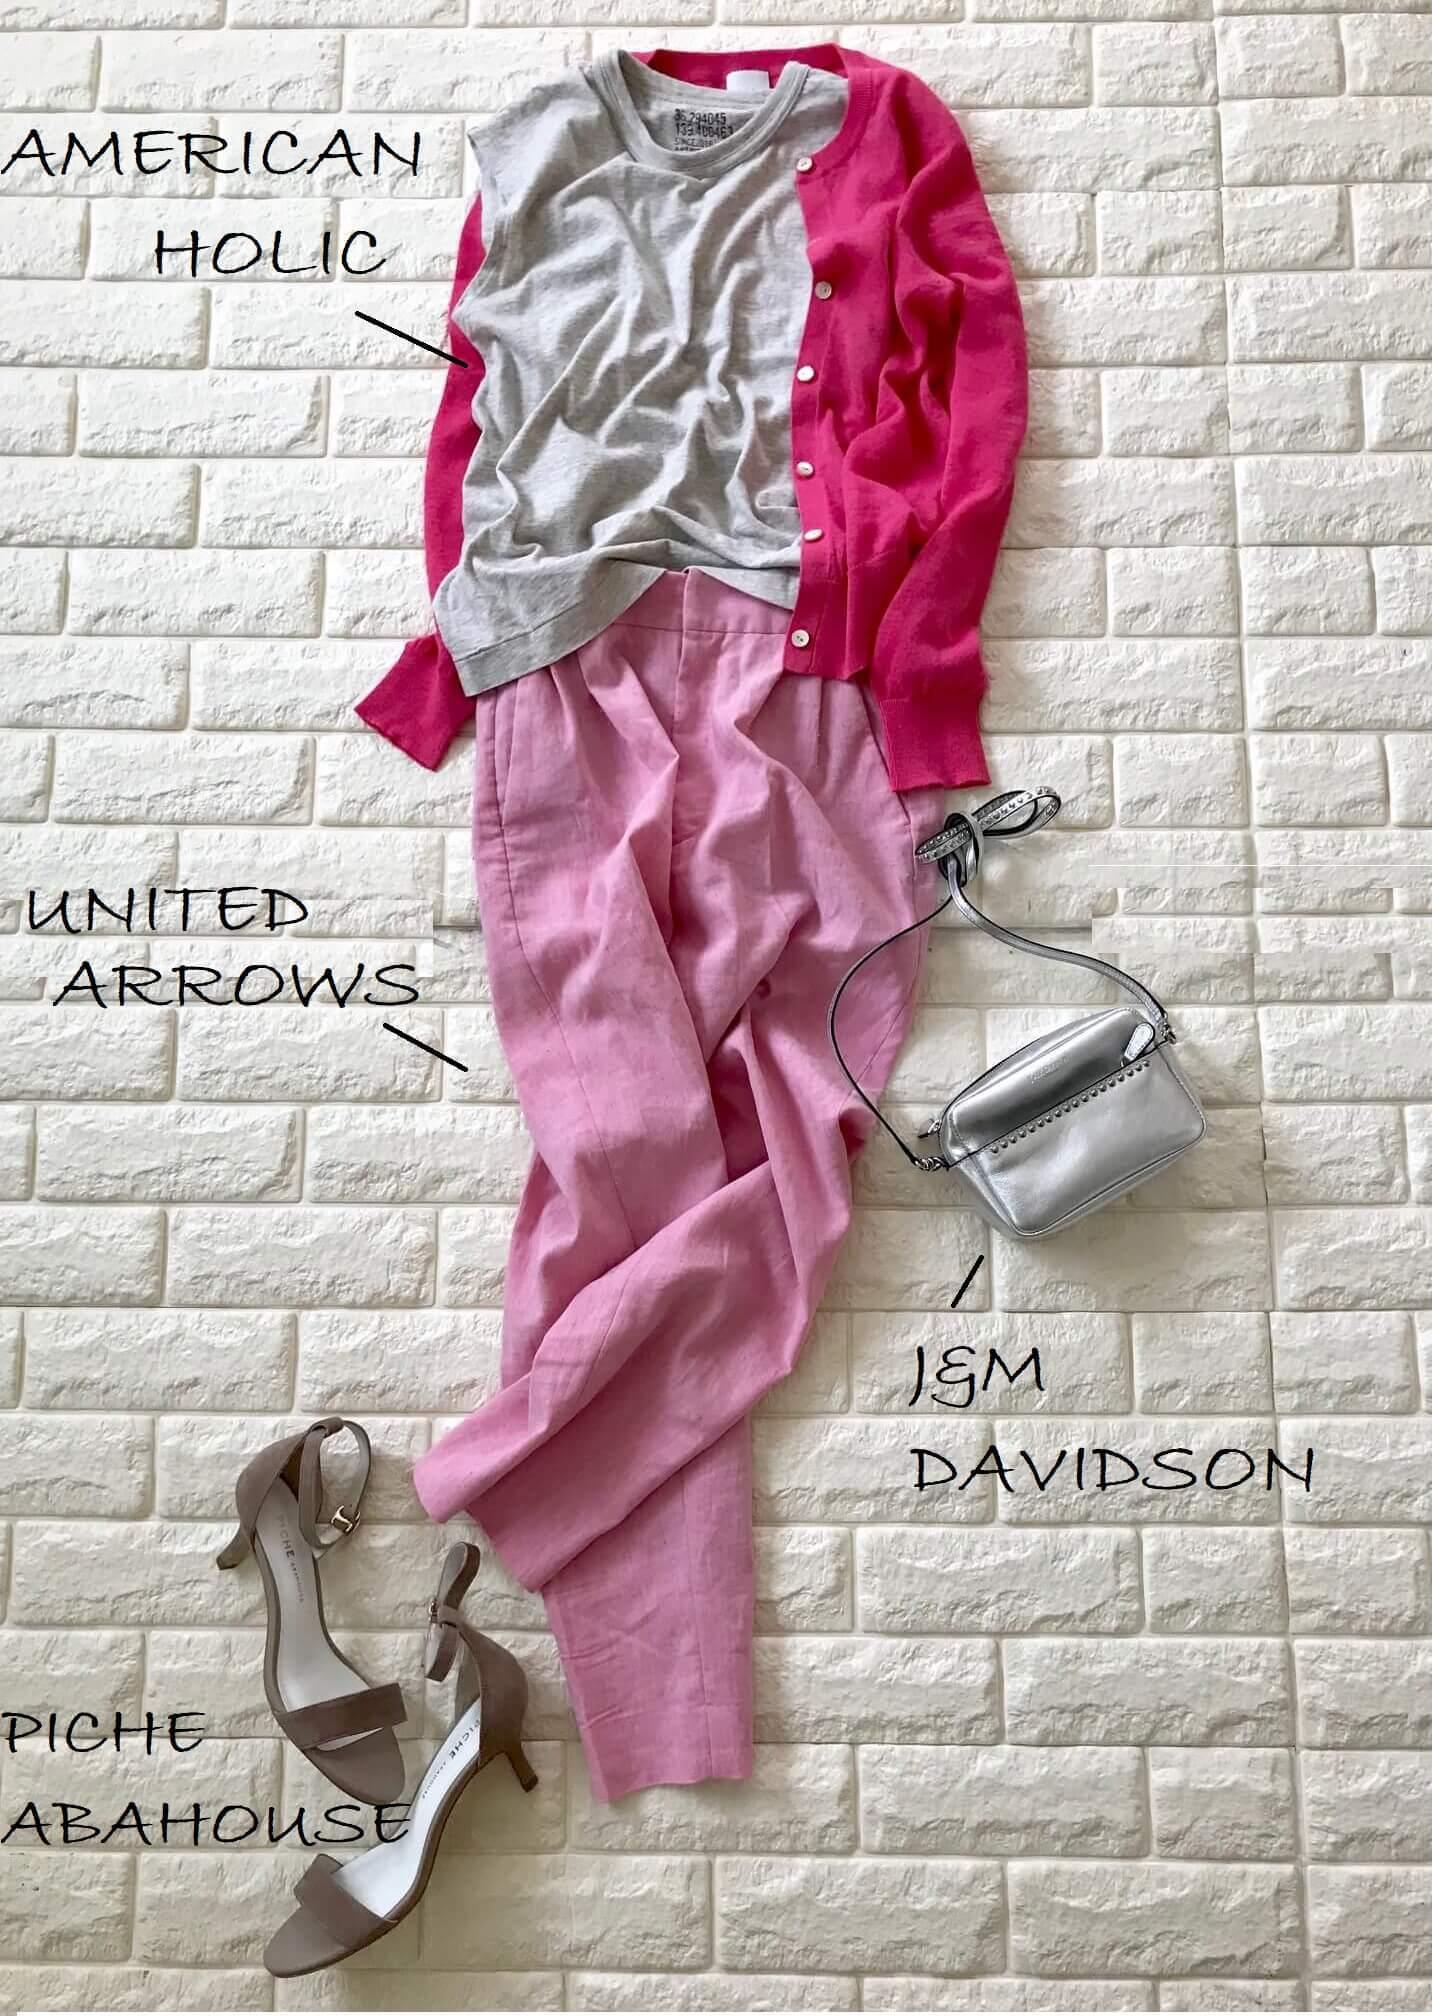 スピック&スパンのピンクカーディガンとピンクのパンツを合わせた画像